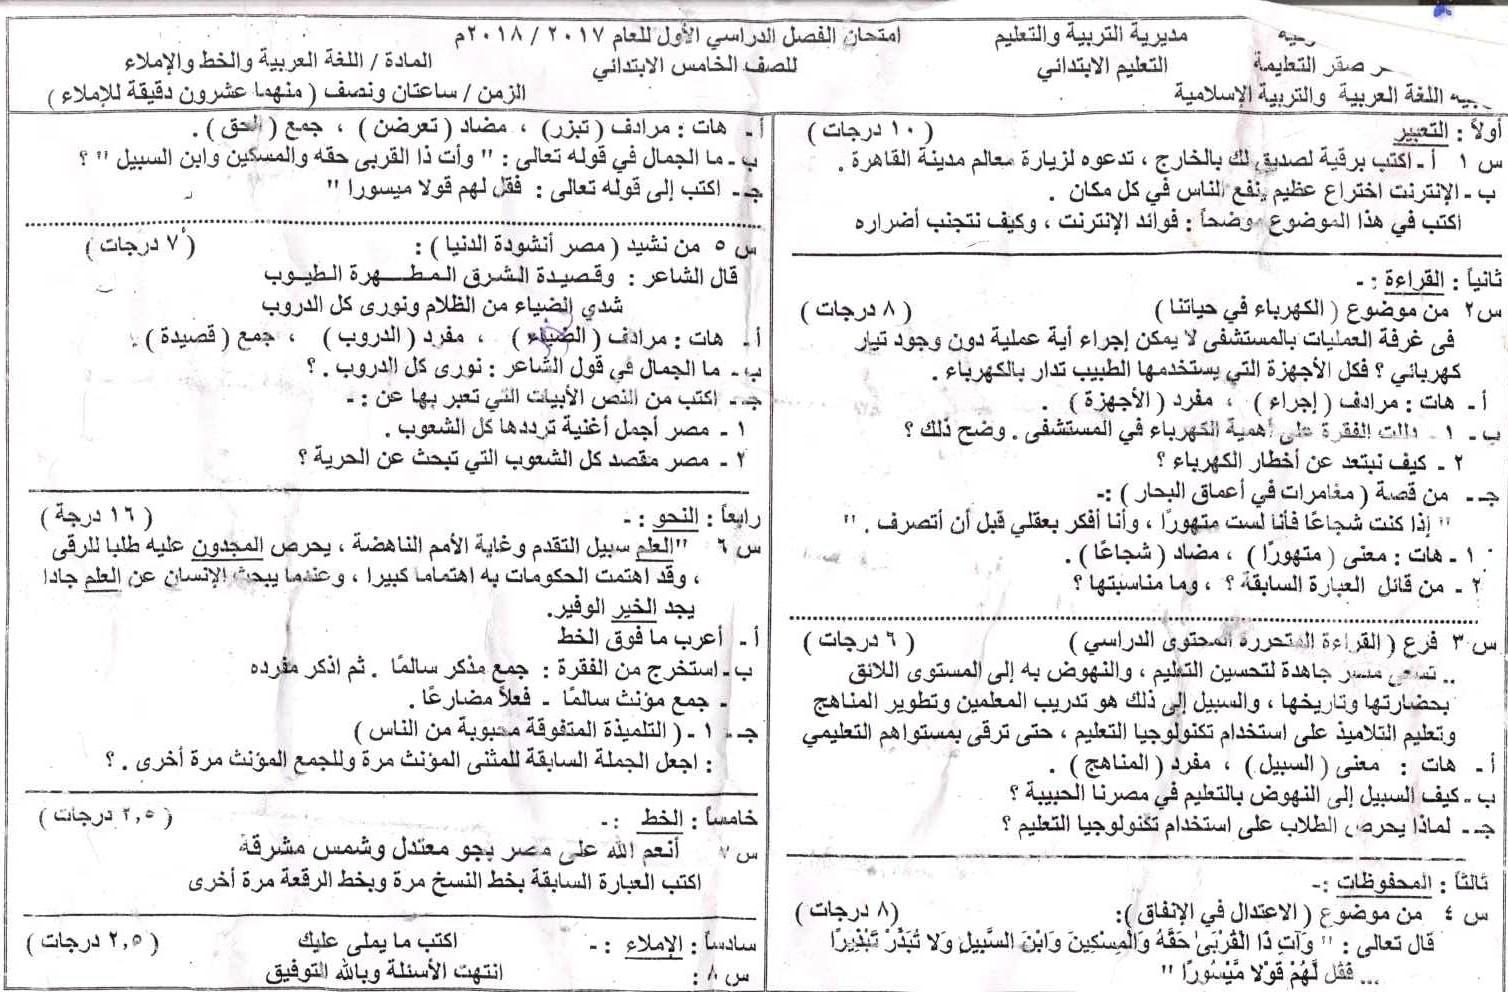 ورقة امتحان اللغة العربية للصف الخامس الابتدائى الترم الاول 2018 ادارة كفر صقر التعليمية